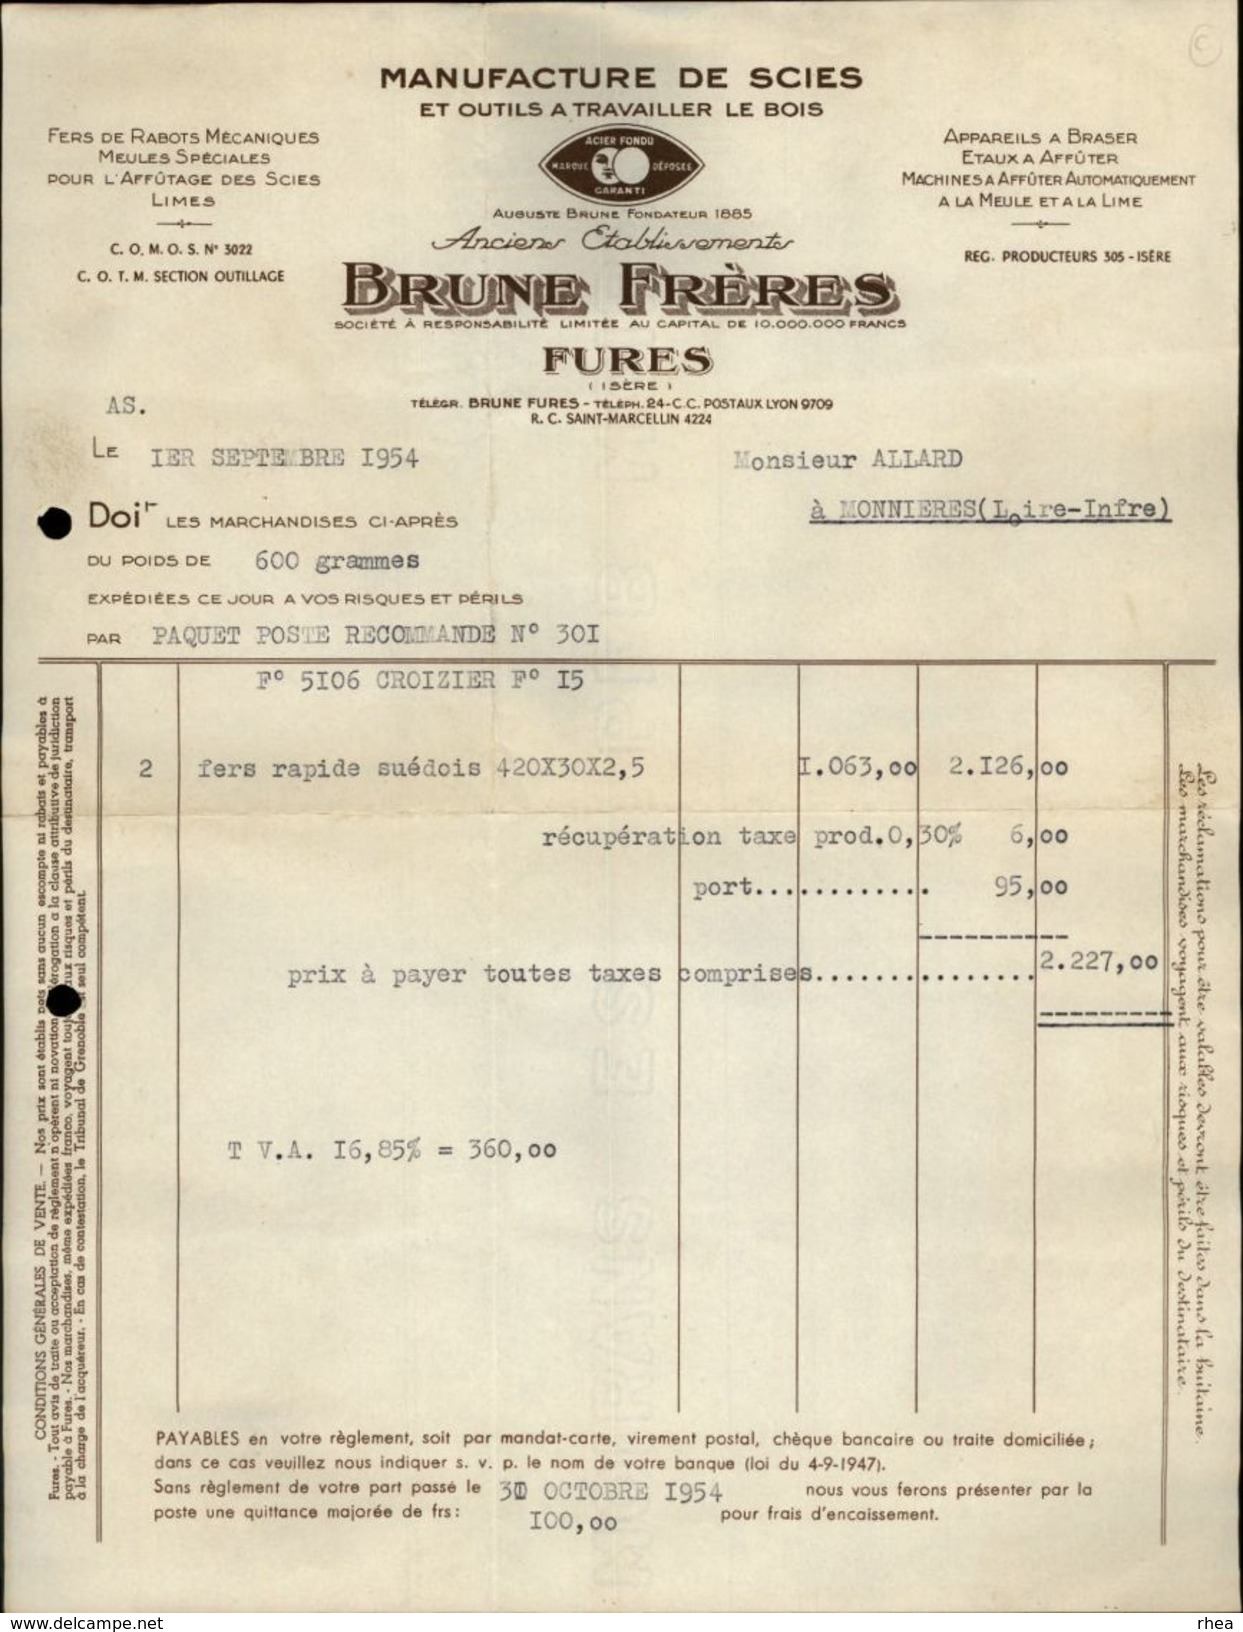 38 - FURES - Manufacture De Scies - Brune Frères - Bois - France